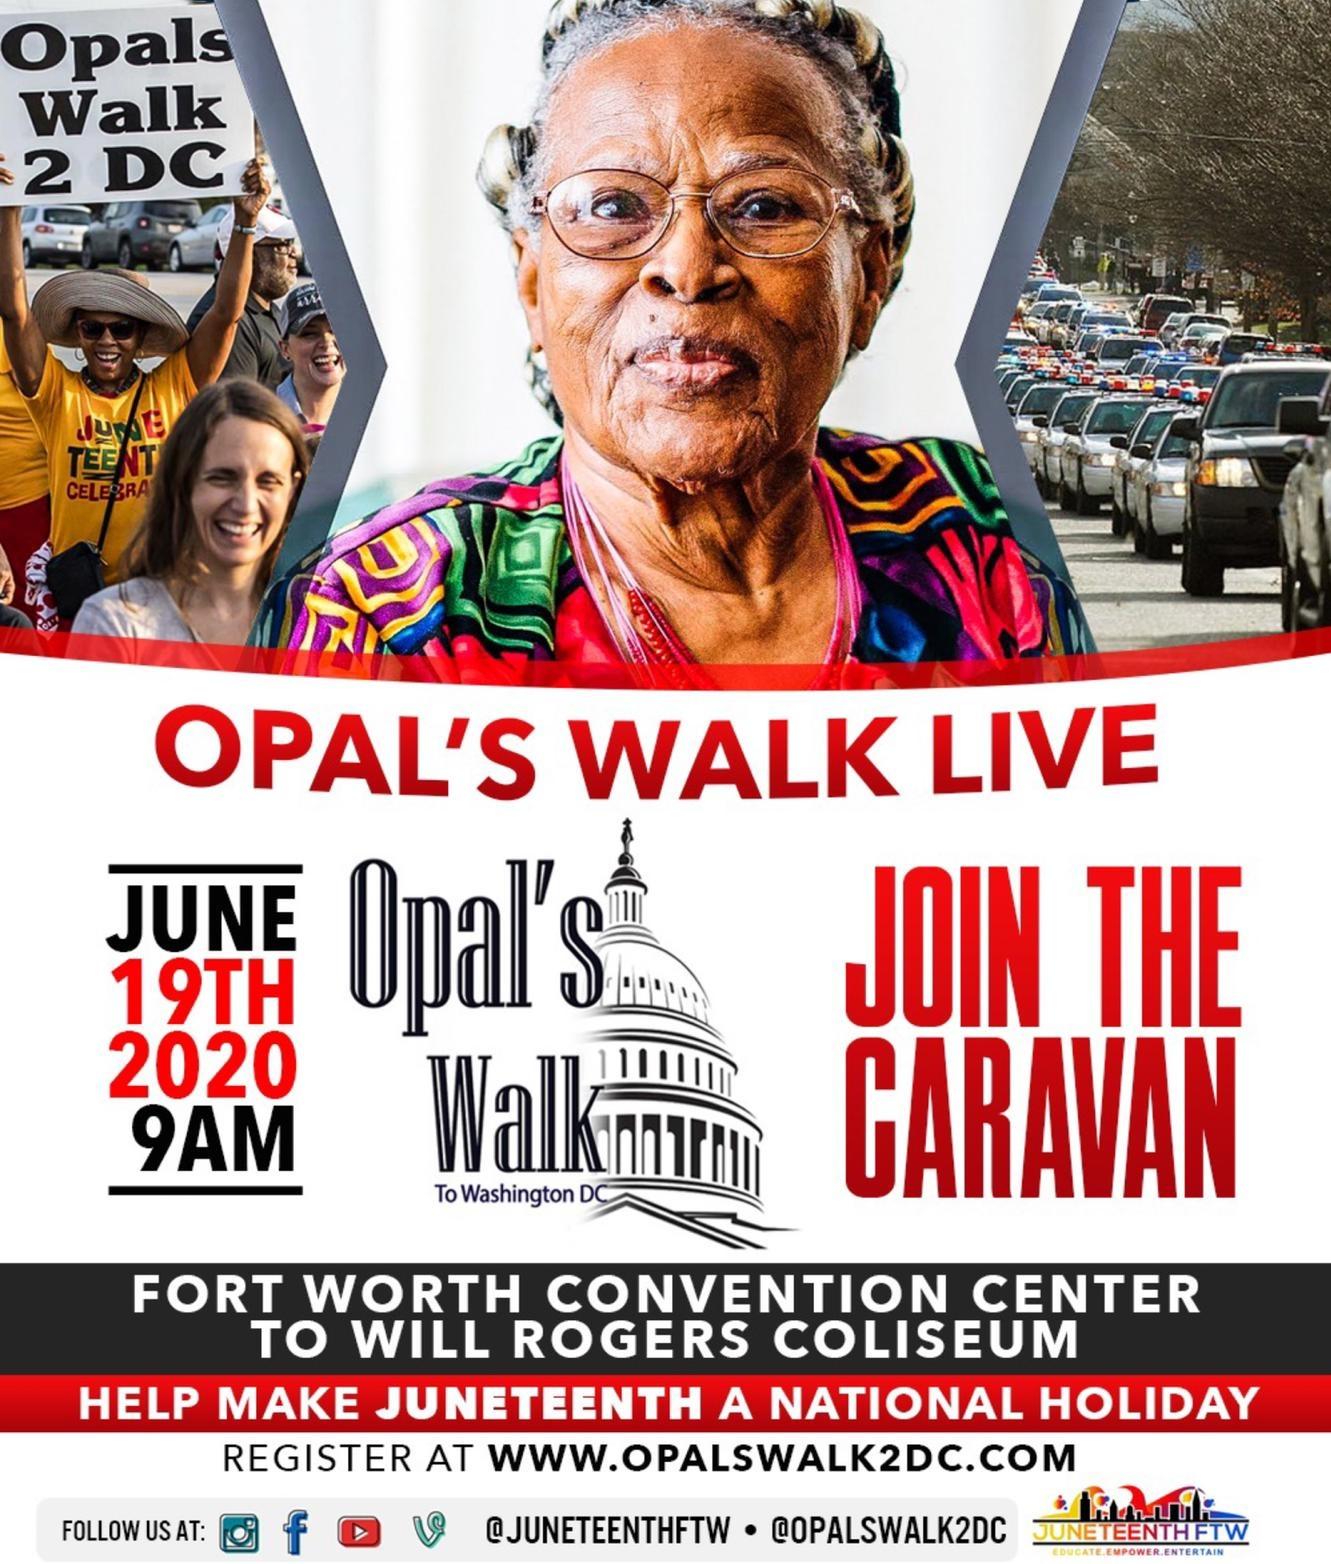 Opal's Walk Live Special -Caravan